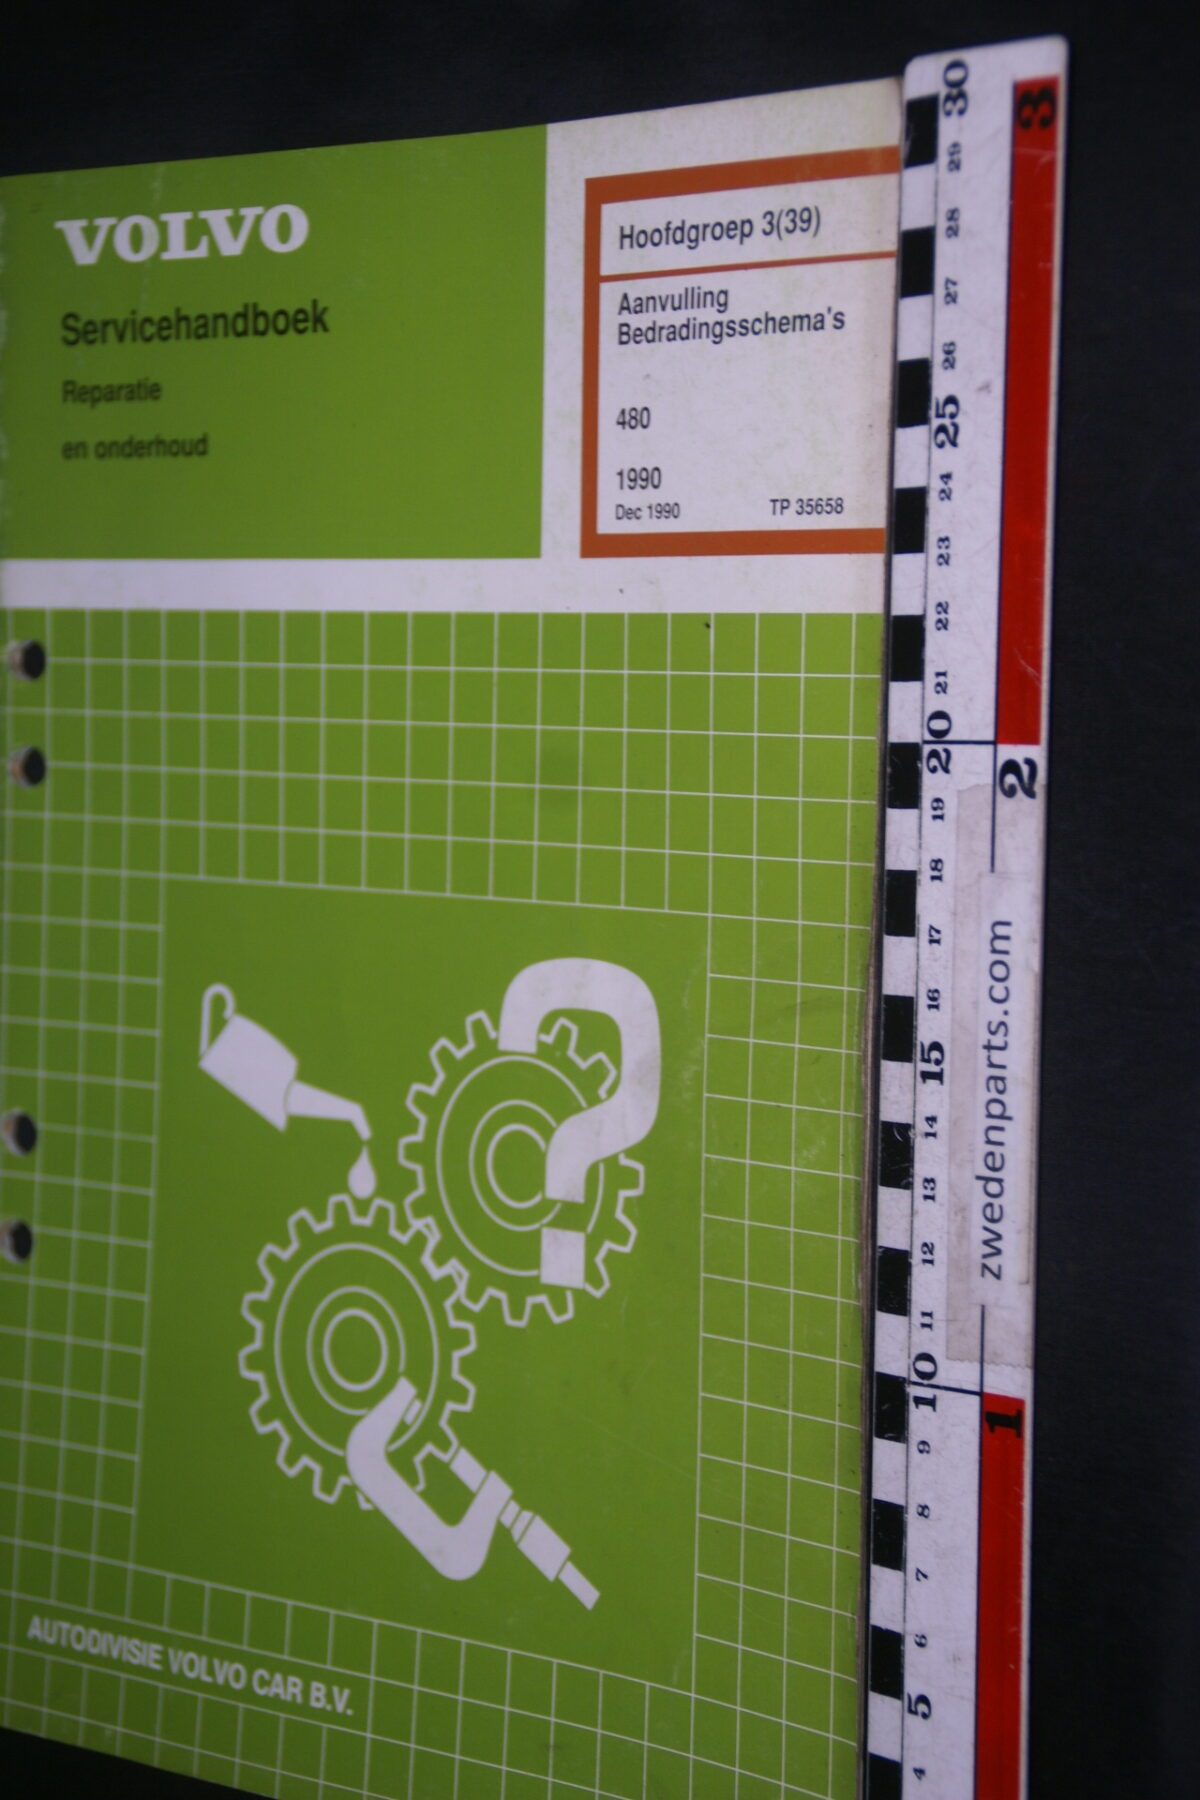 DSC08860 1990 origineel Volvo 480 servicehandboek  3 (39) bedradingsschema 1 van 1.200 TP 35658-1